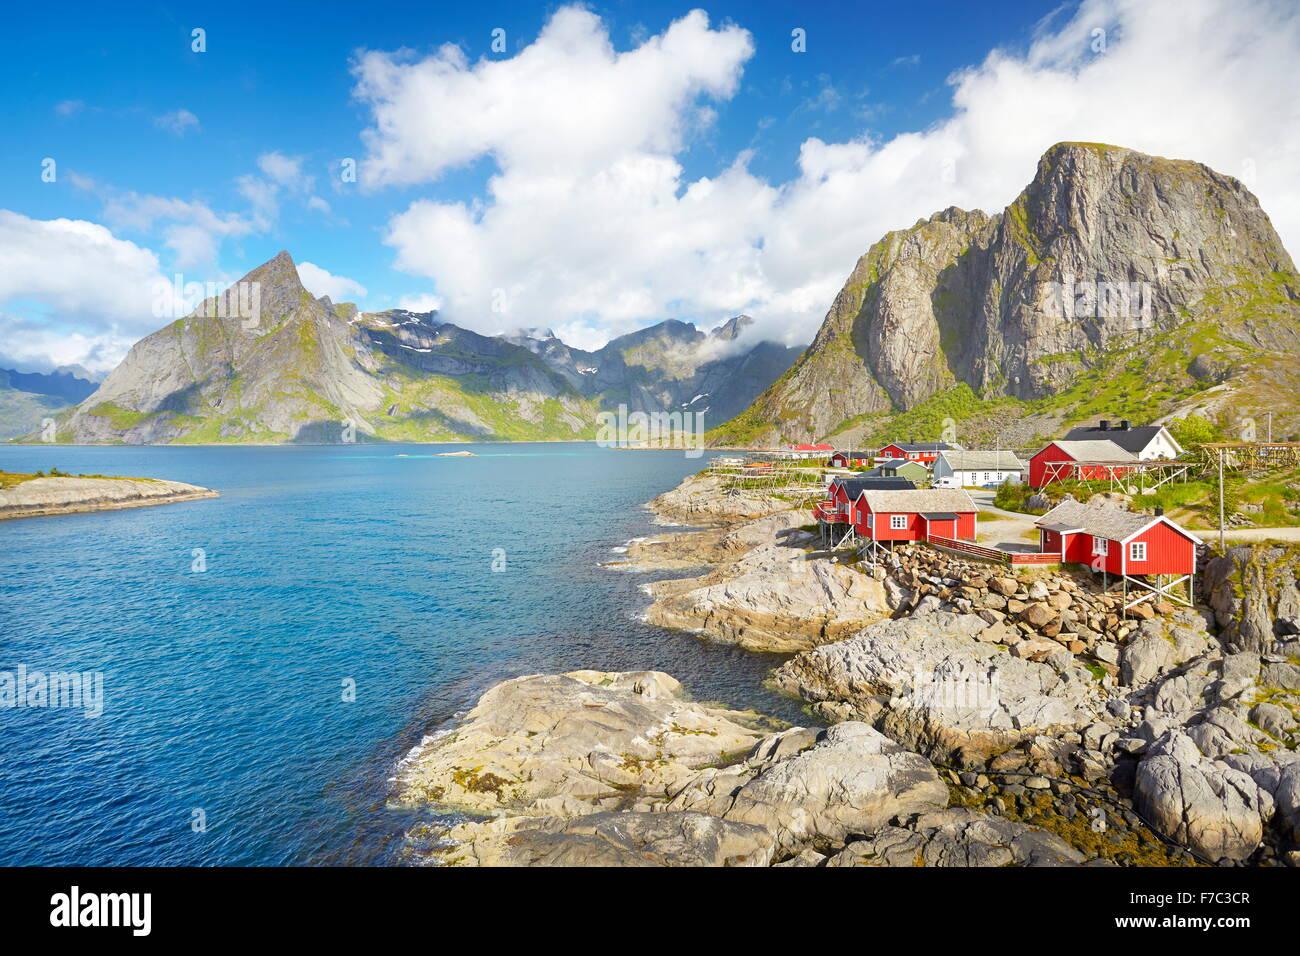 En bois rouge traditionnel de cabanes de pêcheurs, l'île de Lofoten rorbu paysage, Norvège Photo Stock